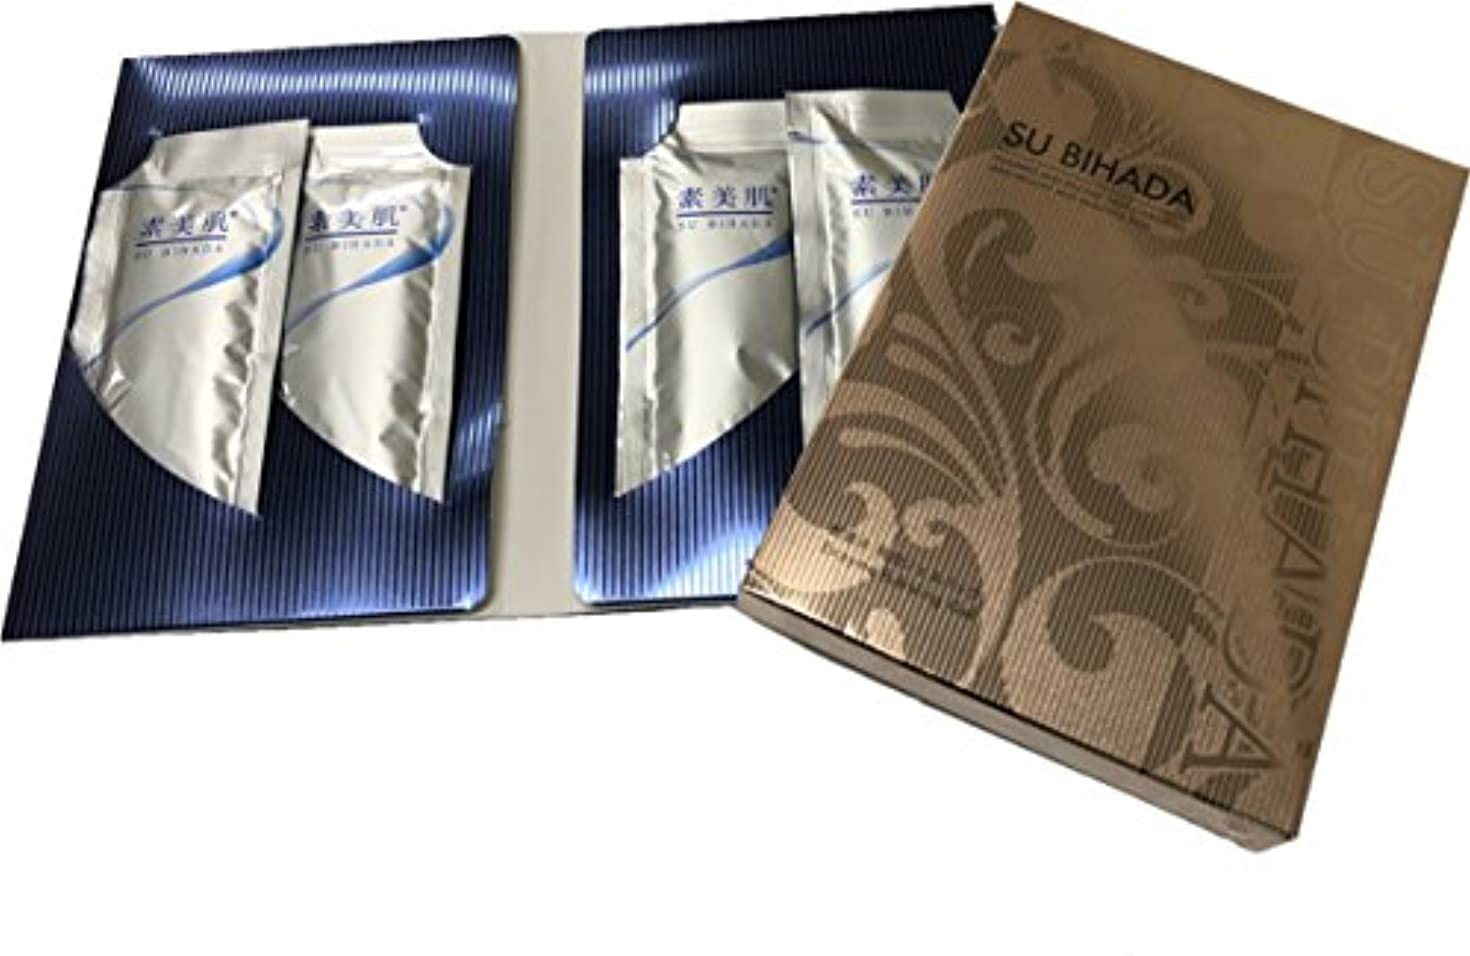 染色コーヒーヒロイン素美肌 (SU BIHADA) 酵素 発泡ジェルパック(美容パック)1箱4包入り